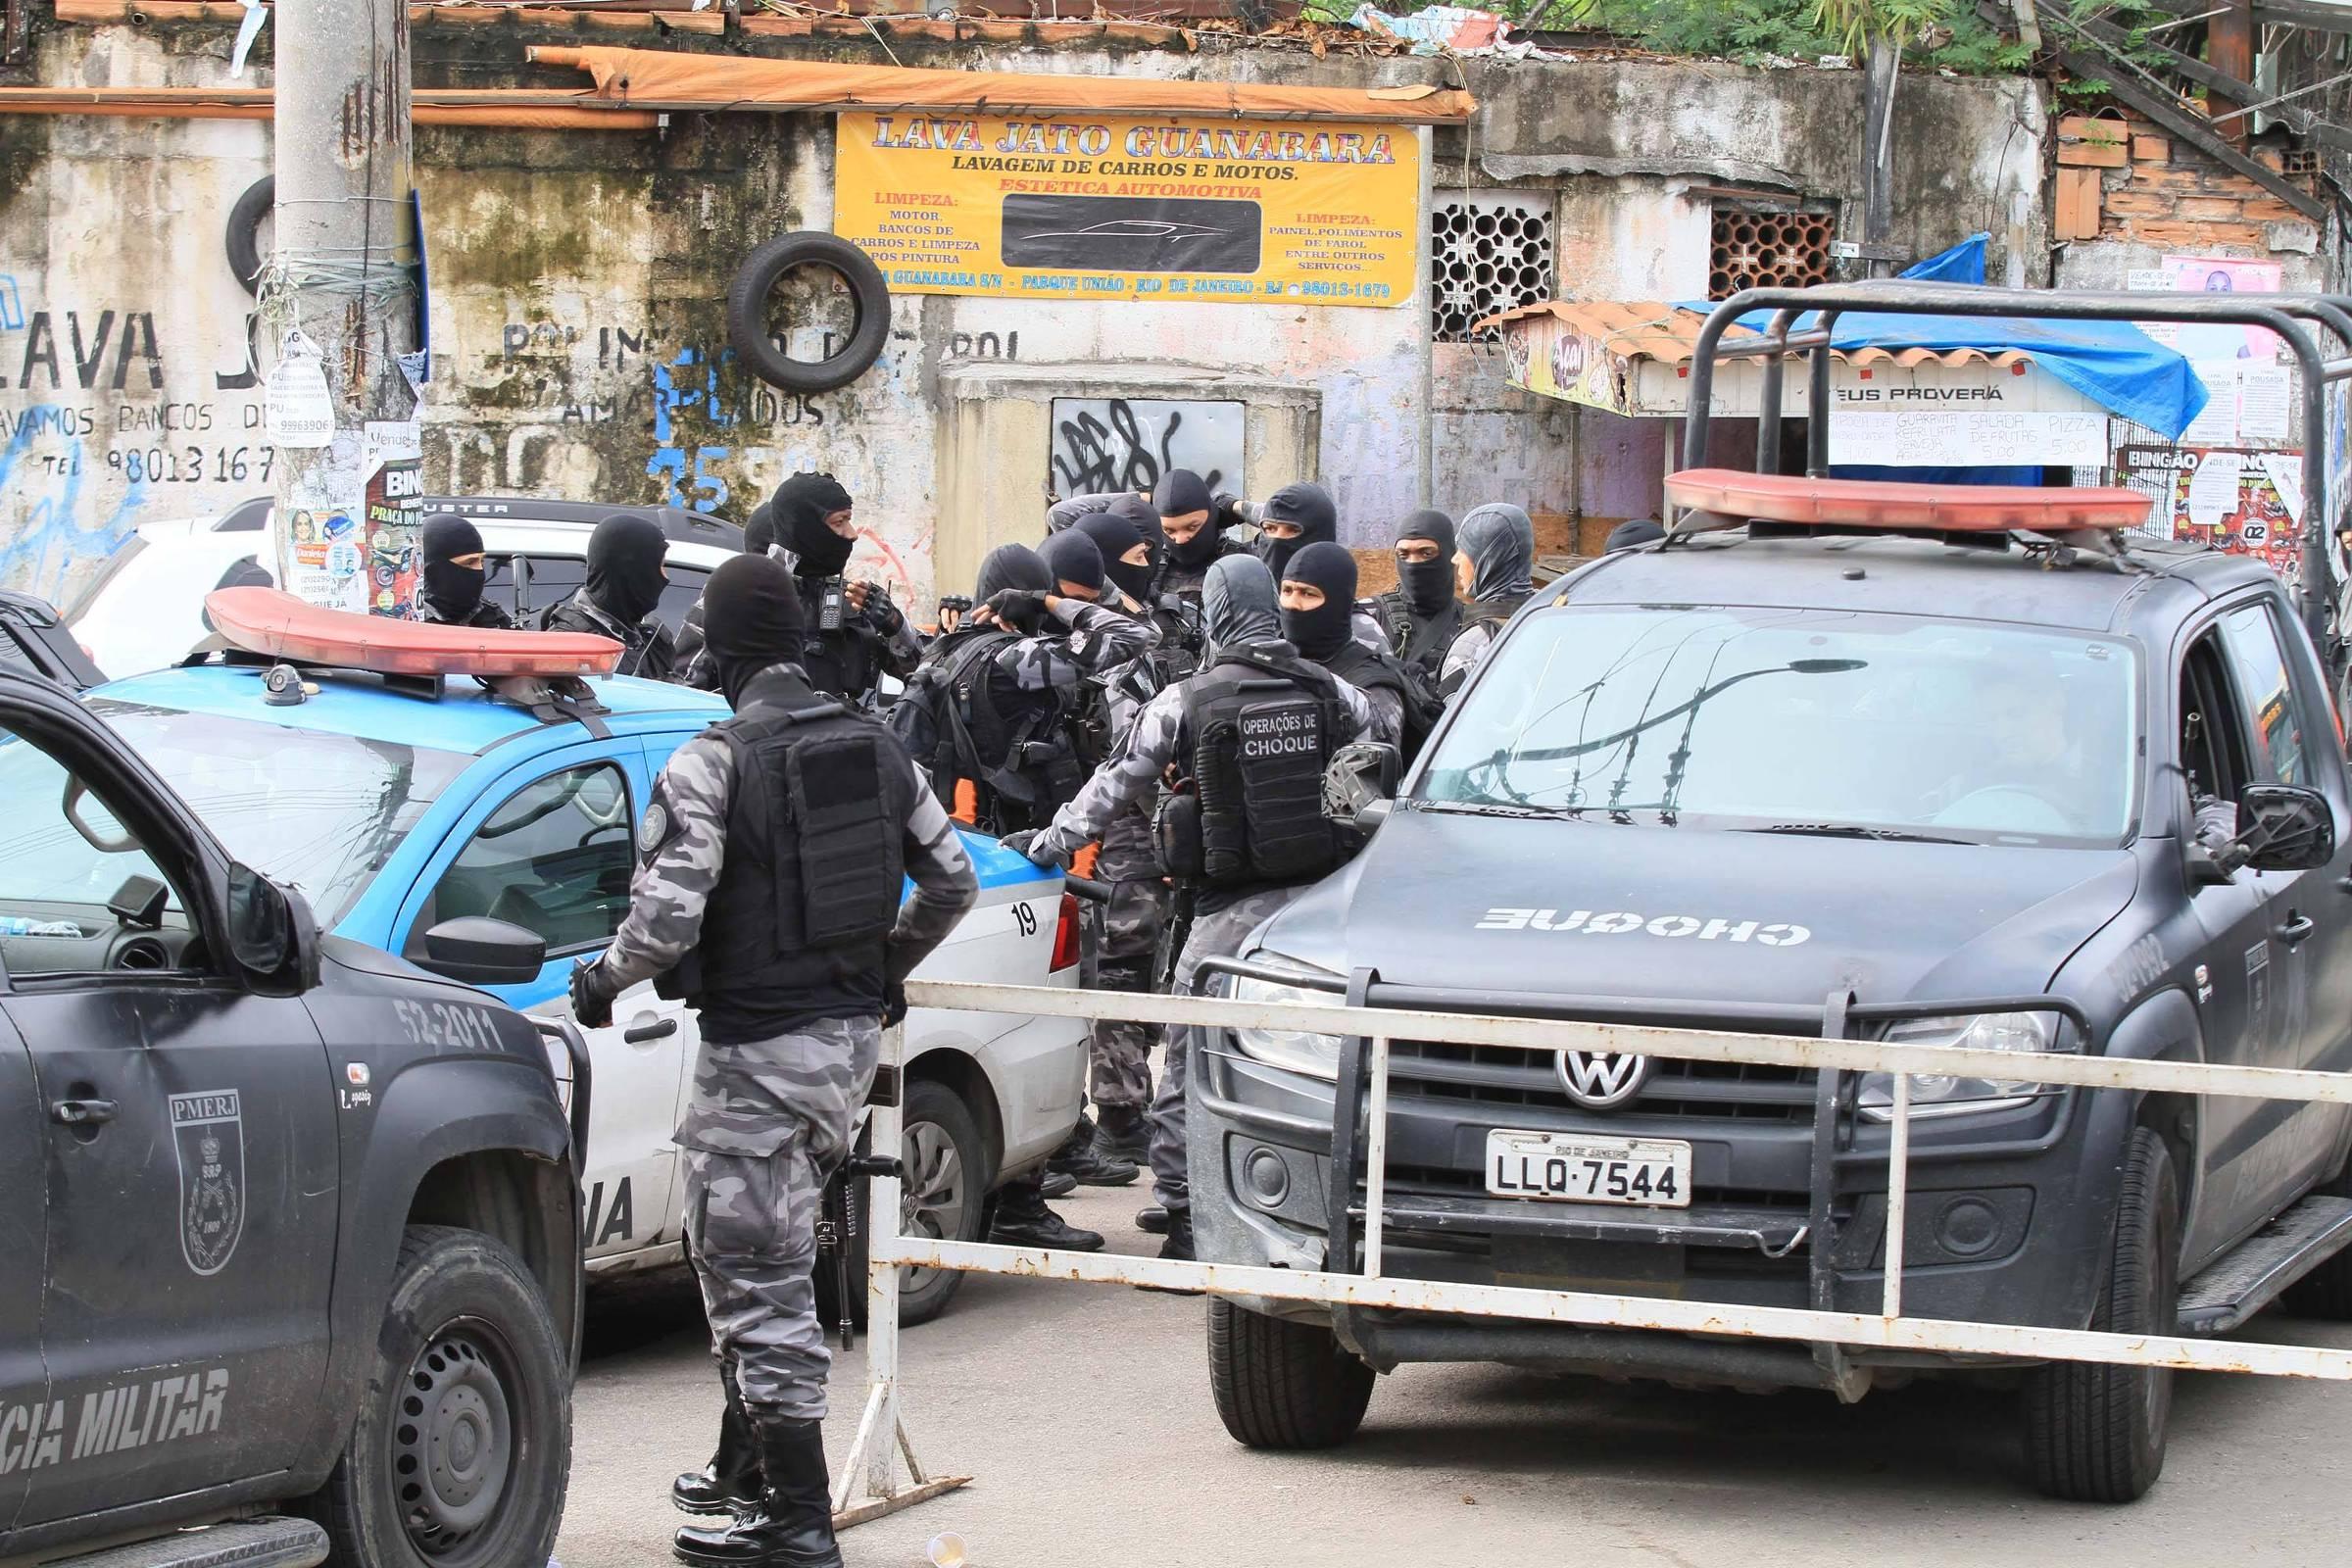 Entenda o plano do governador do RJ de  abater  bandidos com armas pesadas  - 07 11 2018 - Cotidiano - Folha 84f50fb02e